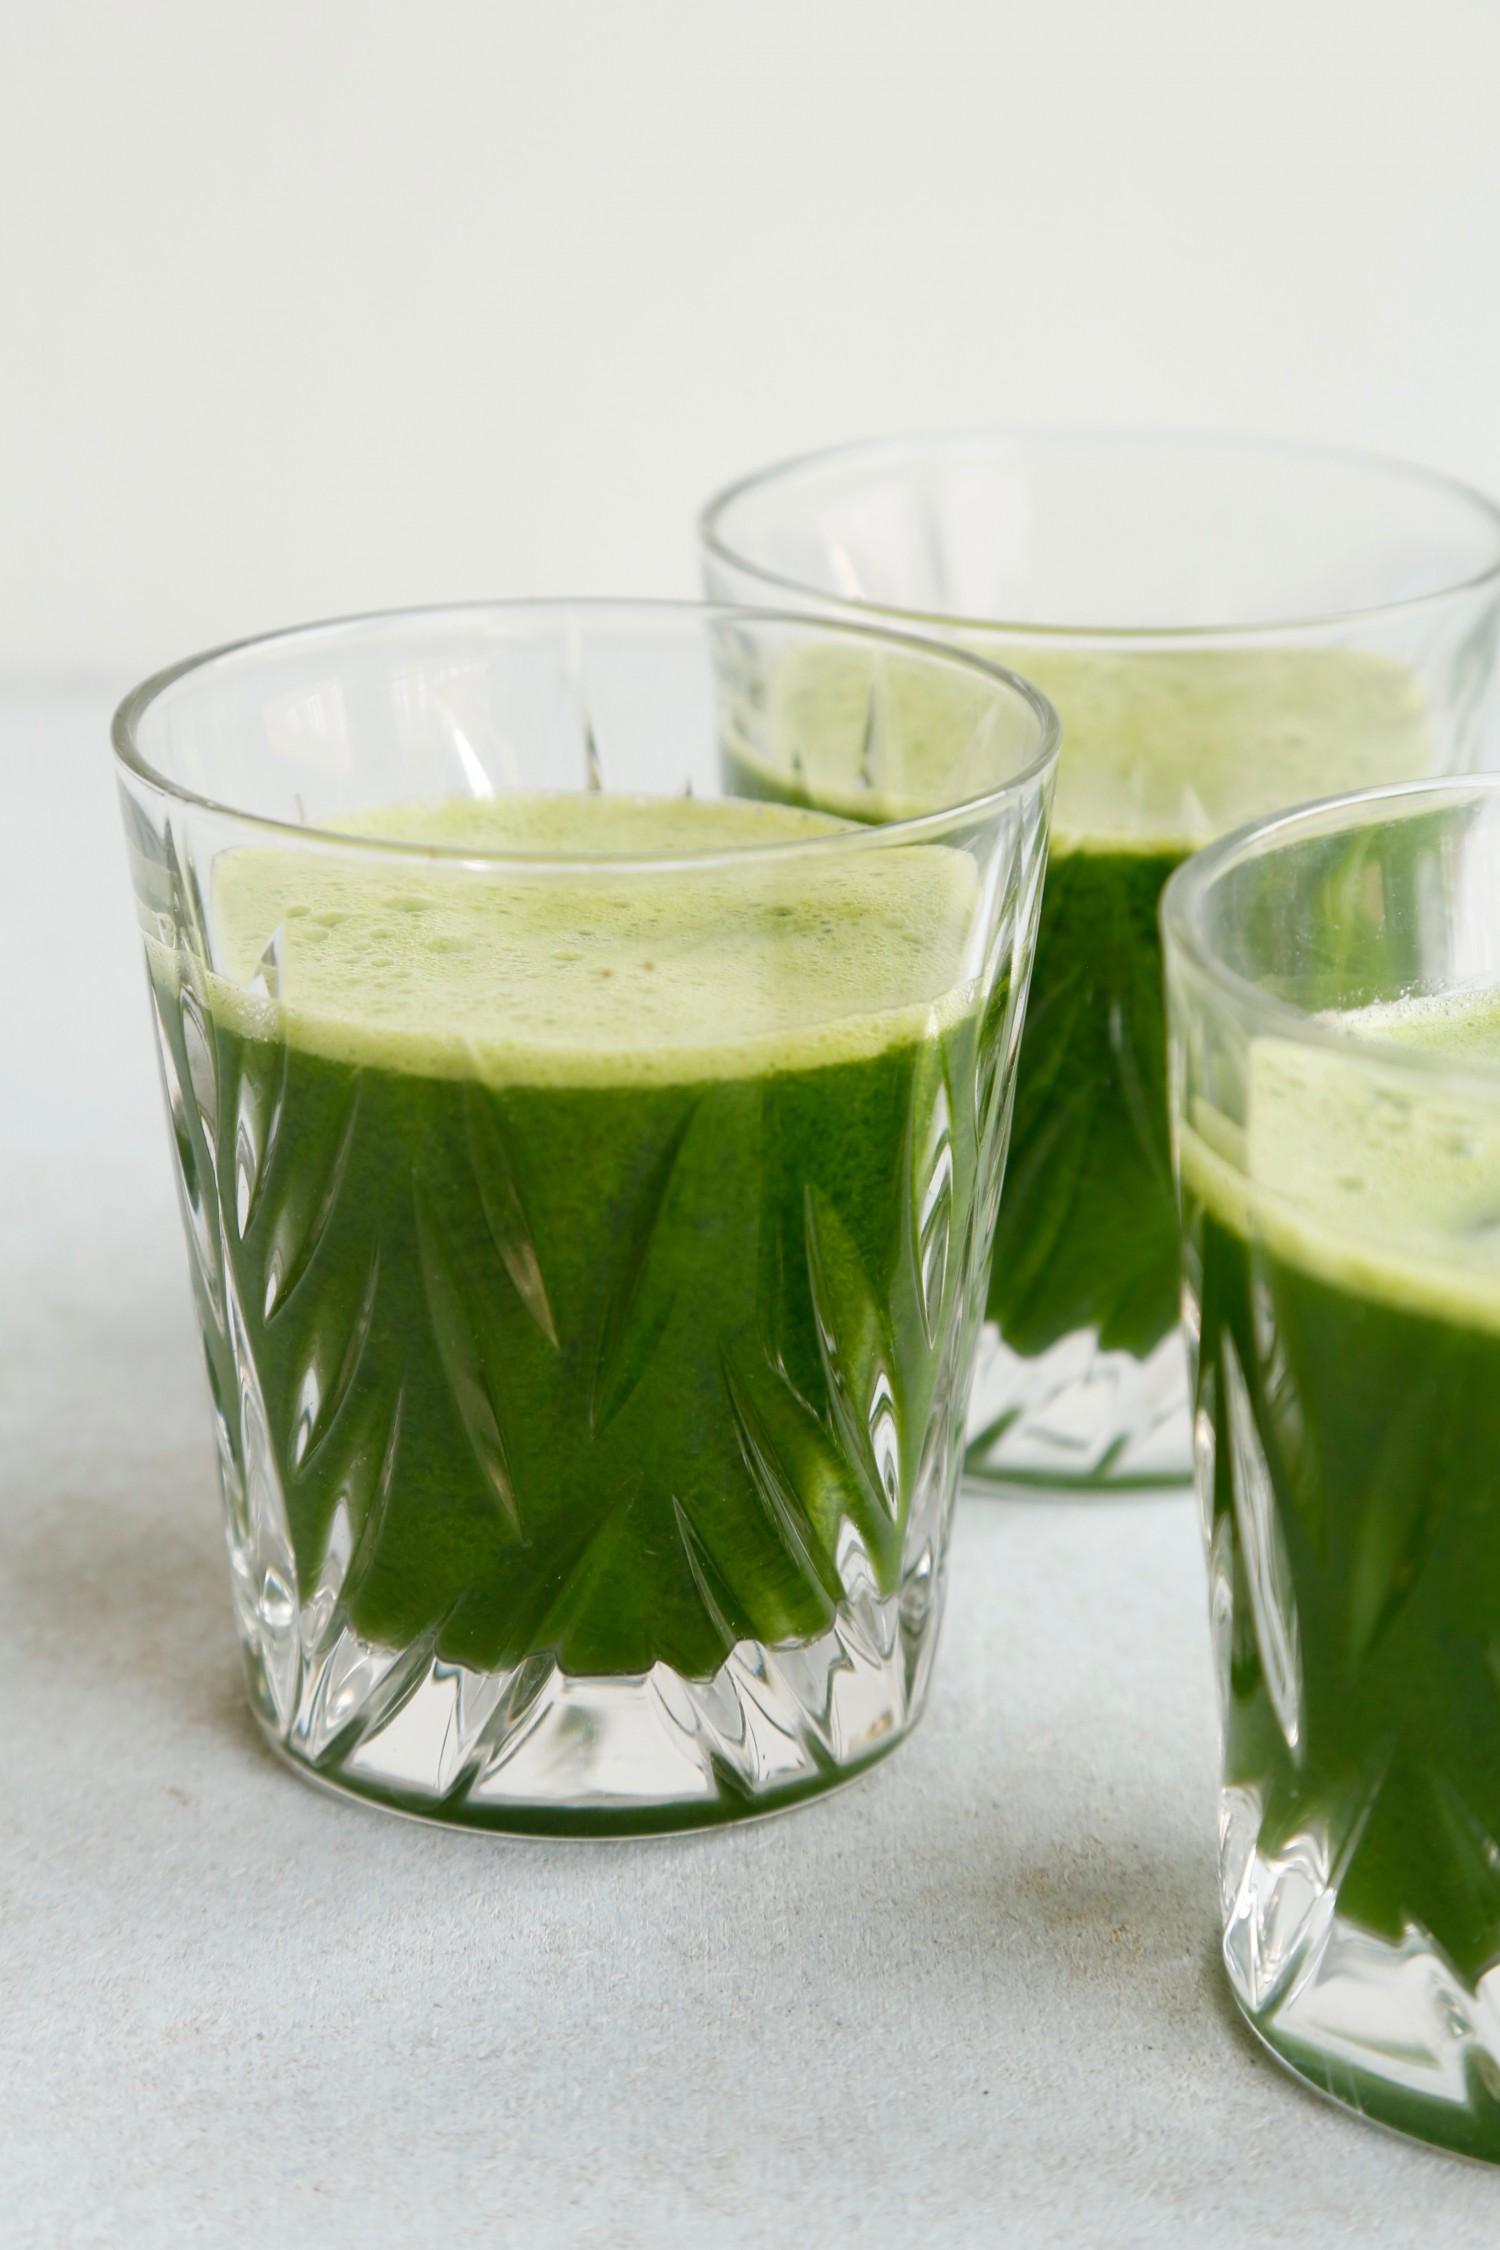 opskrift-groen-juice-med-romainesalat-4